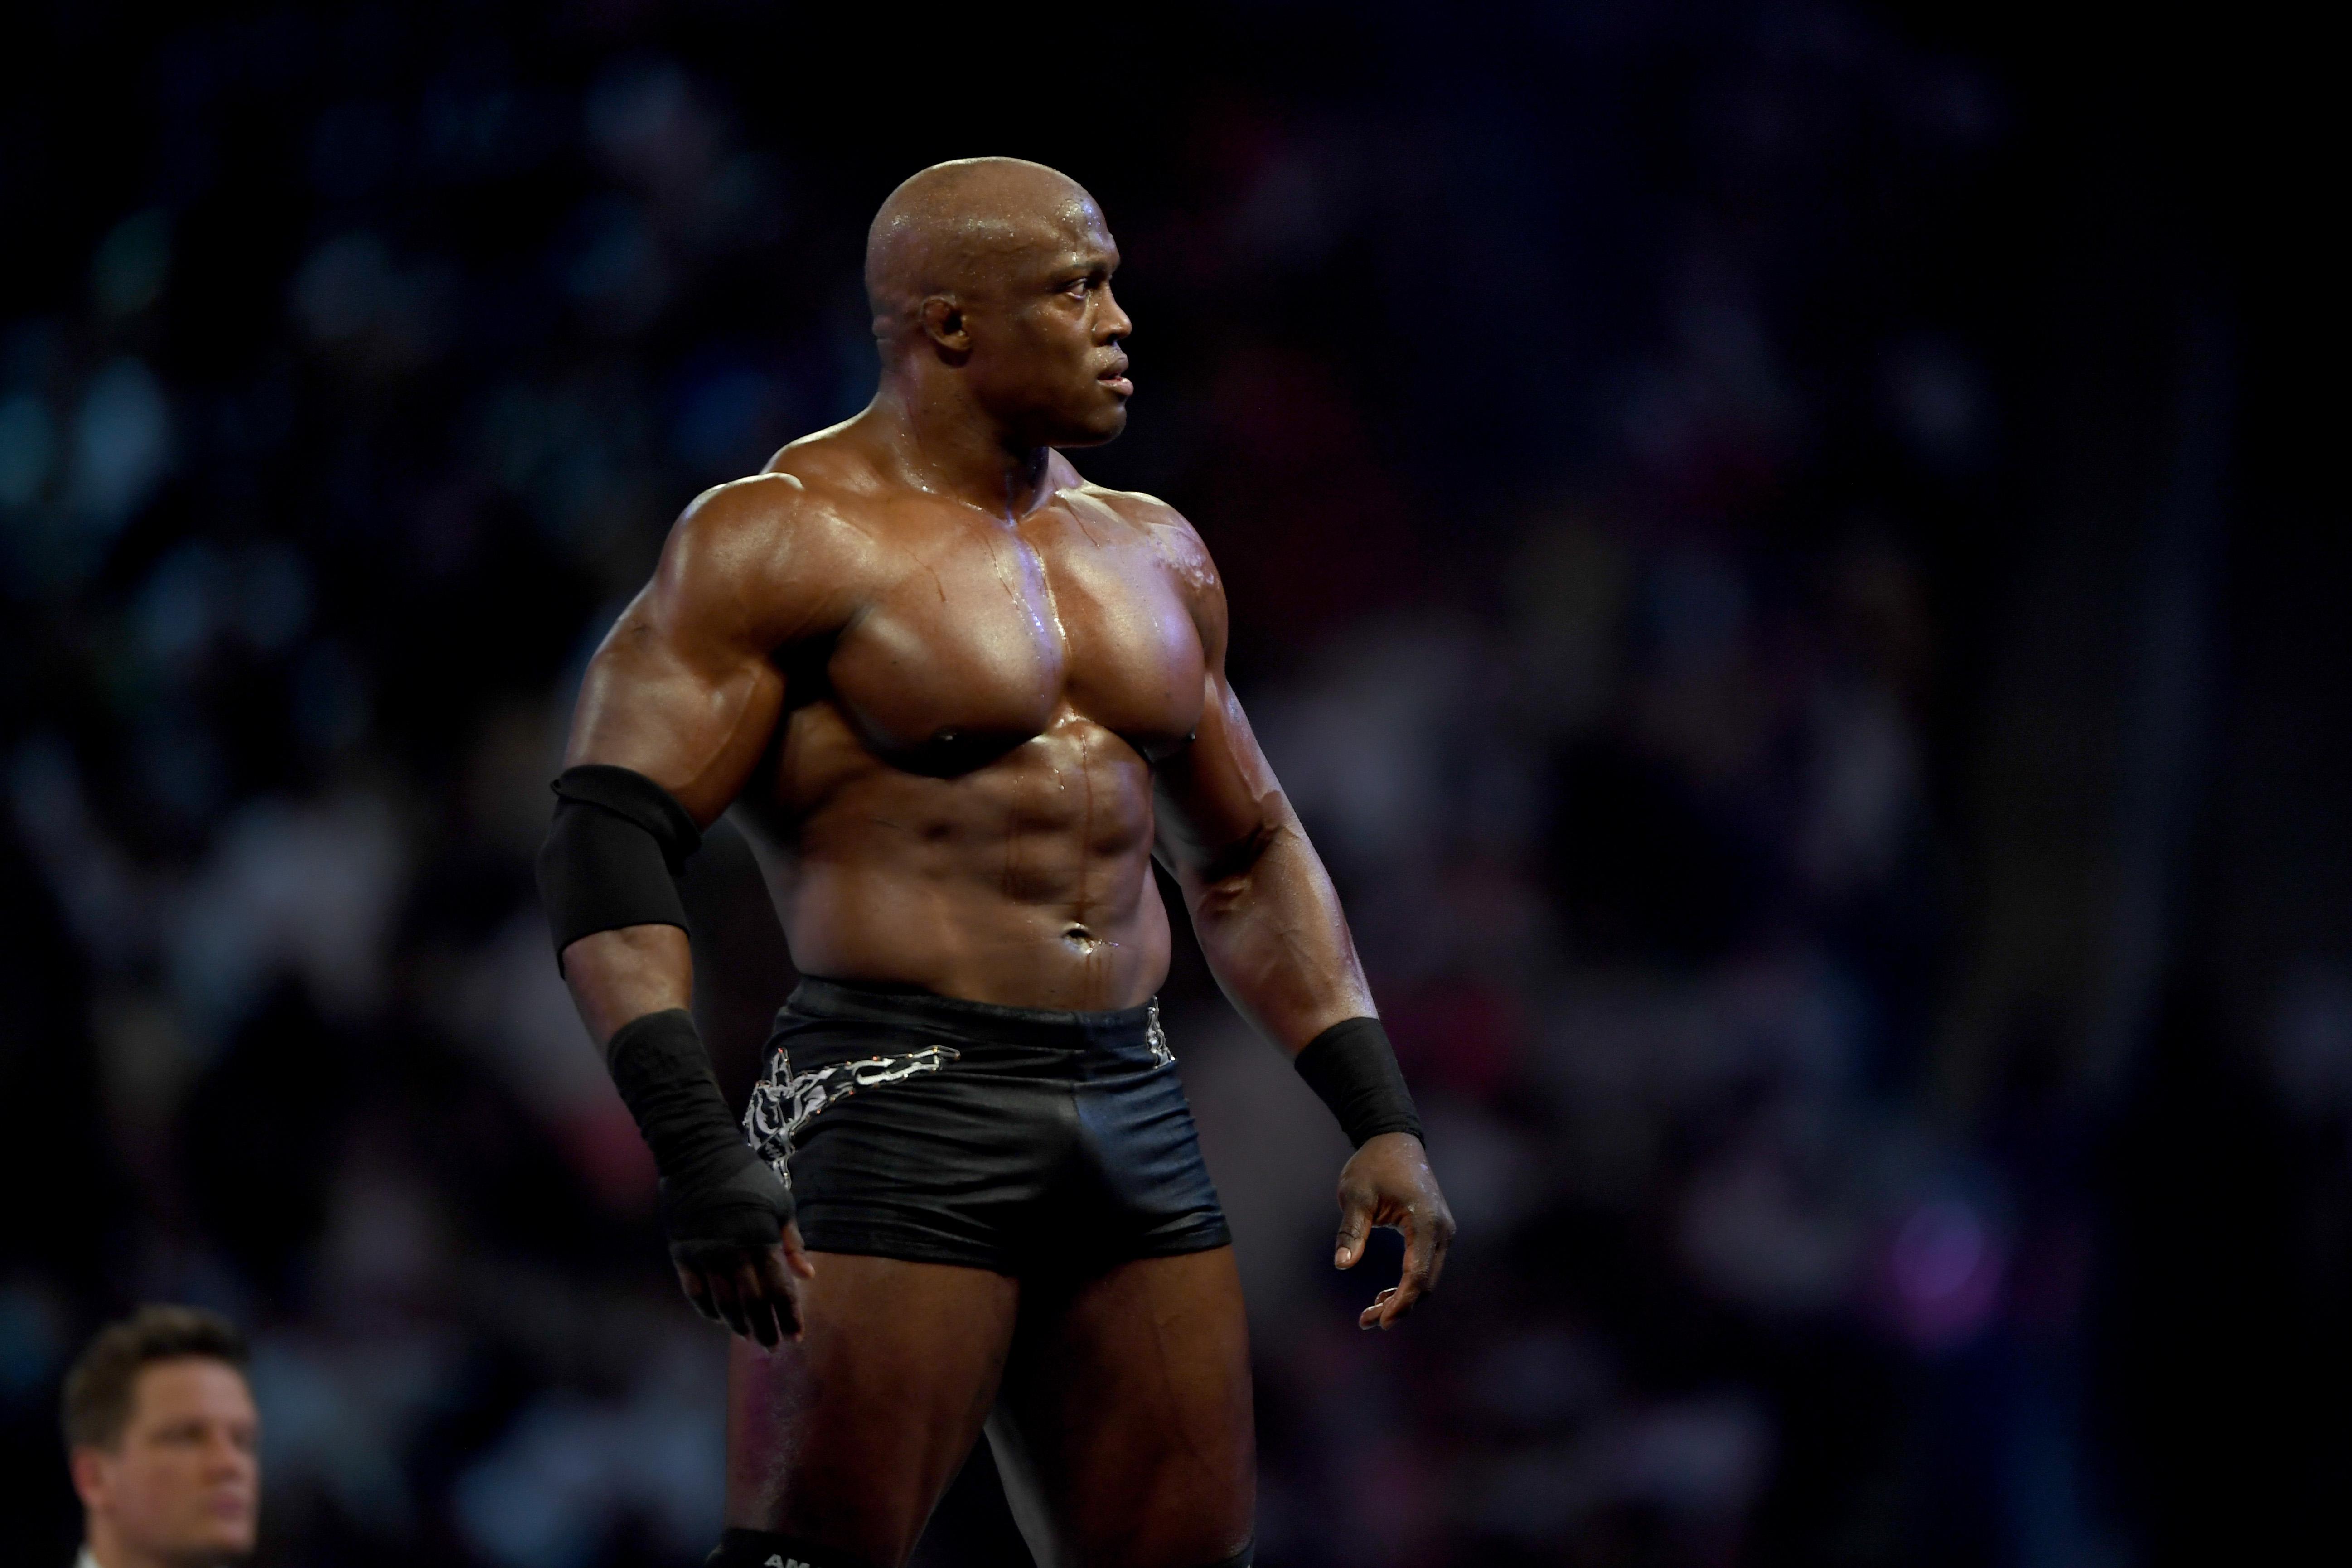 沙特-摔跤-娱乐-WWE